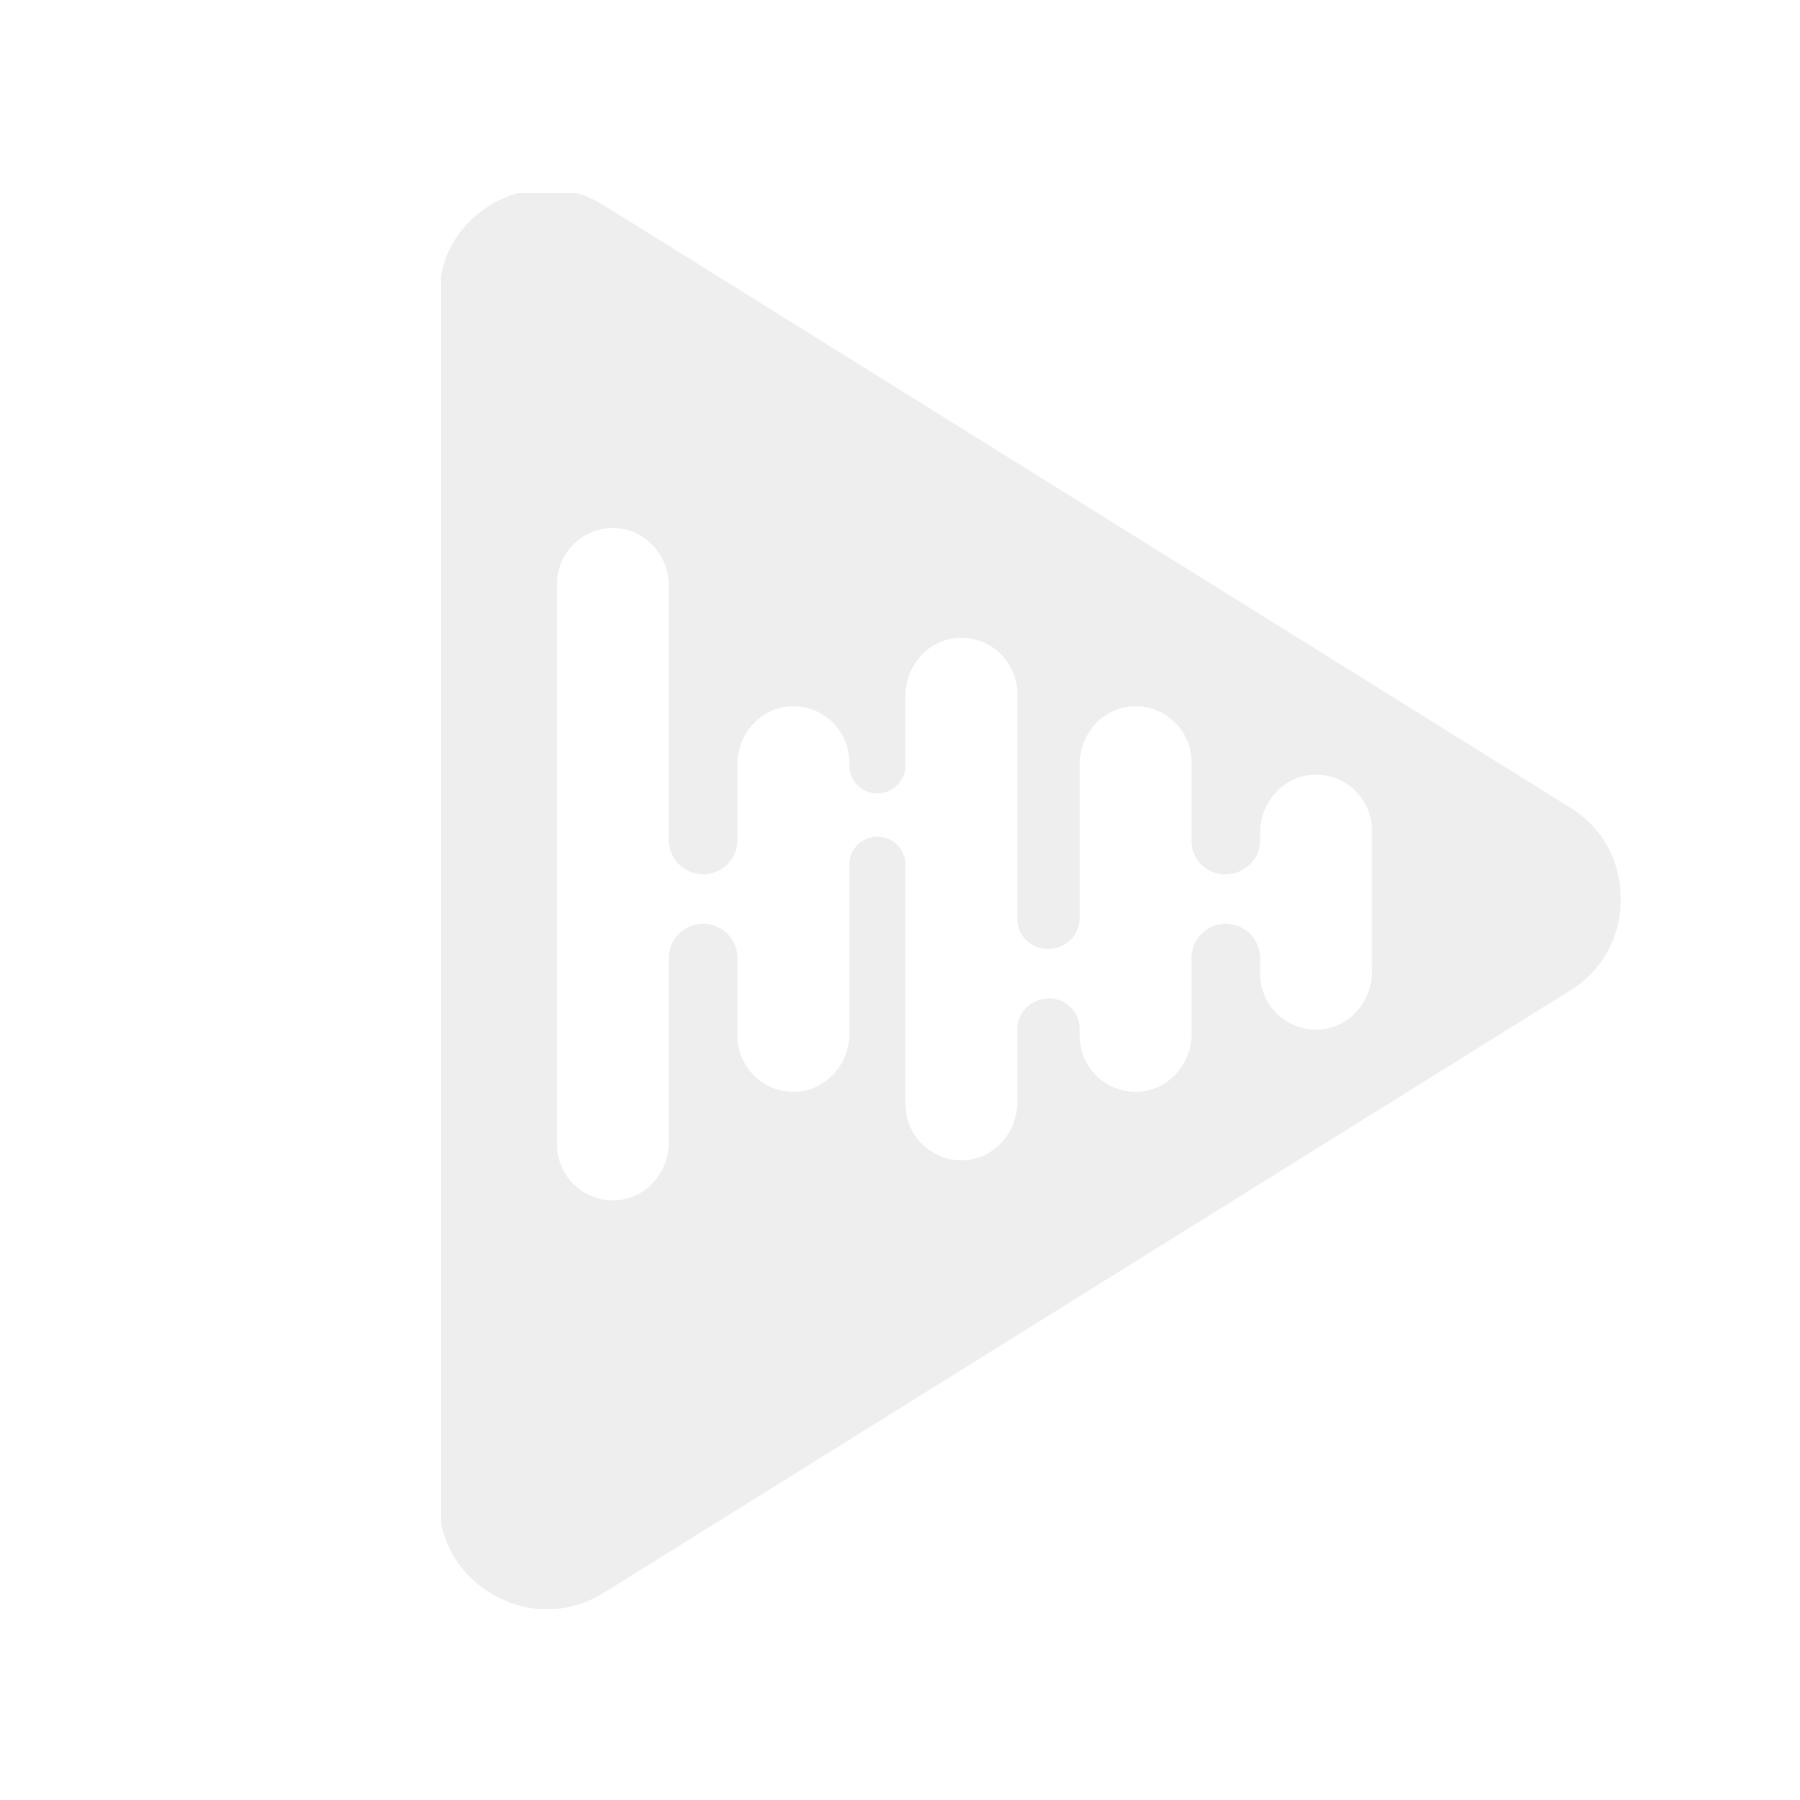 Speedsignal B-3414716-AUX